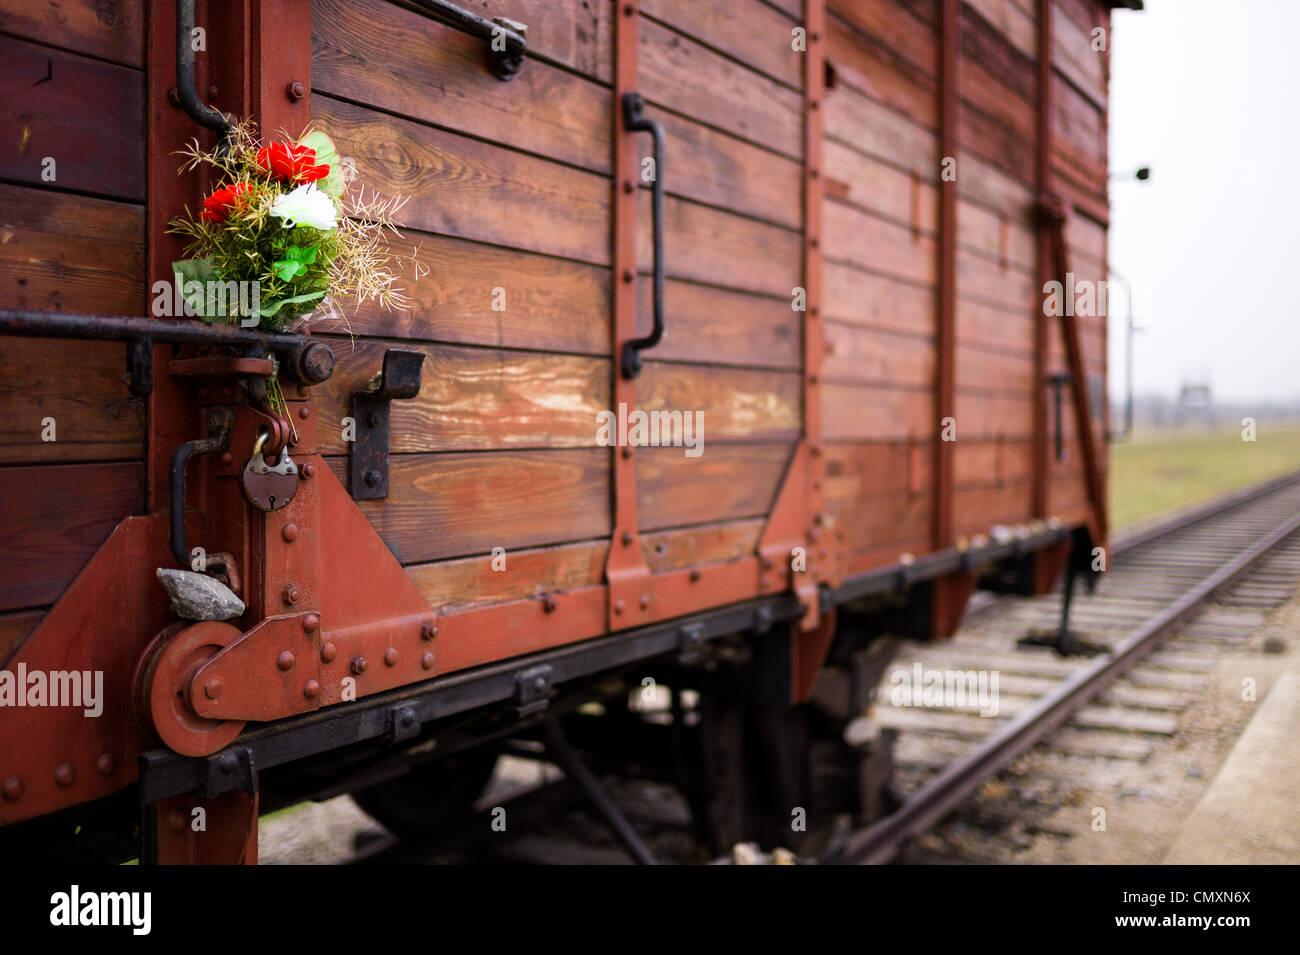 Memorial fiori posti su un prigioniero carrello di trasporto ad Auschwitz II Birkenau, Polonia Foto Stock